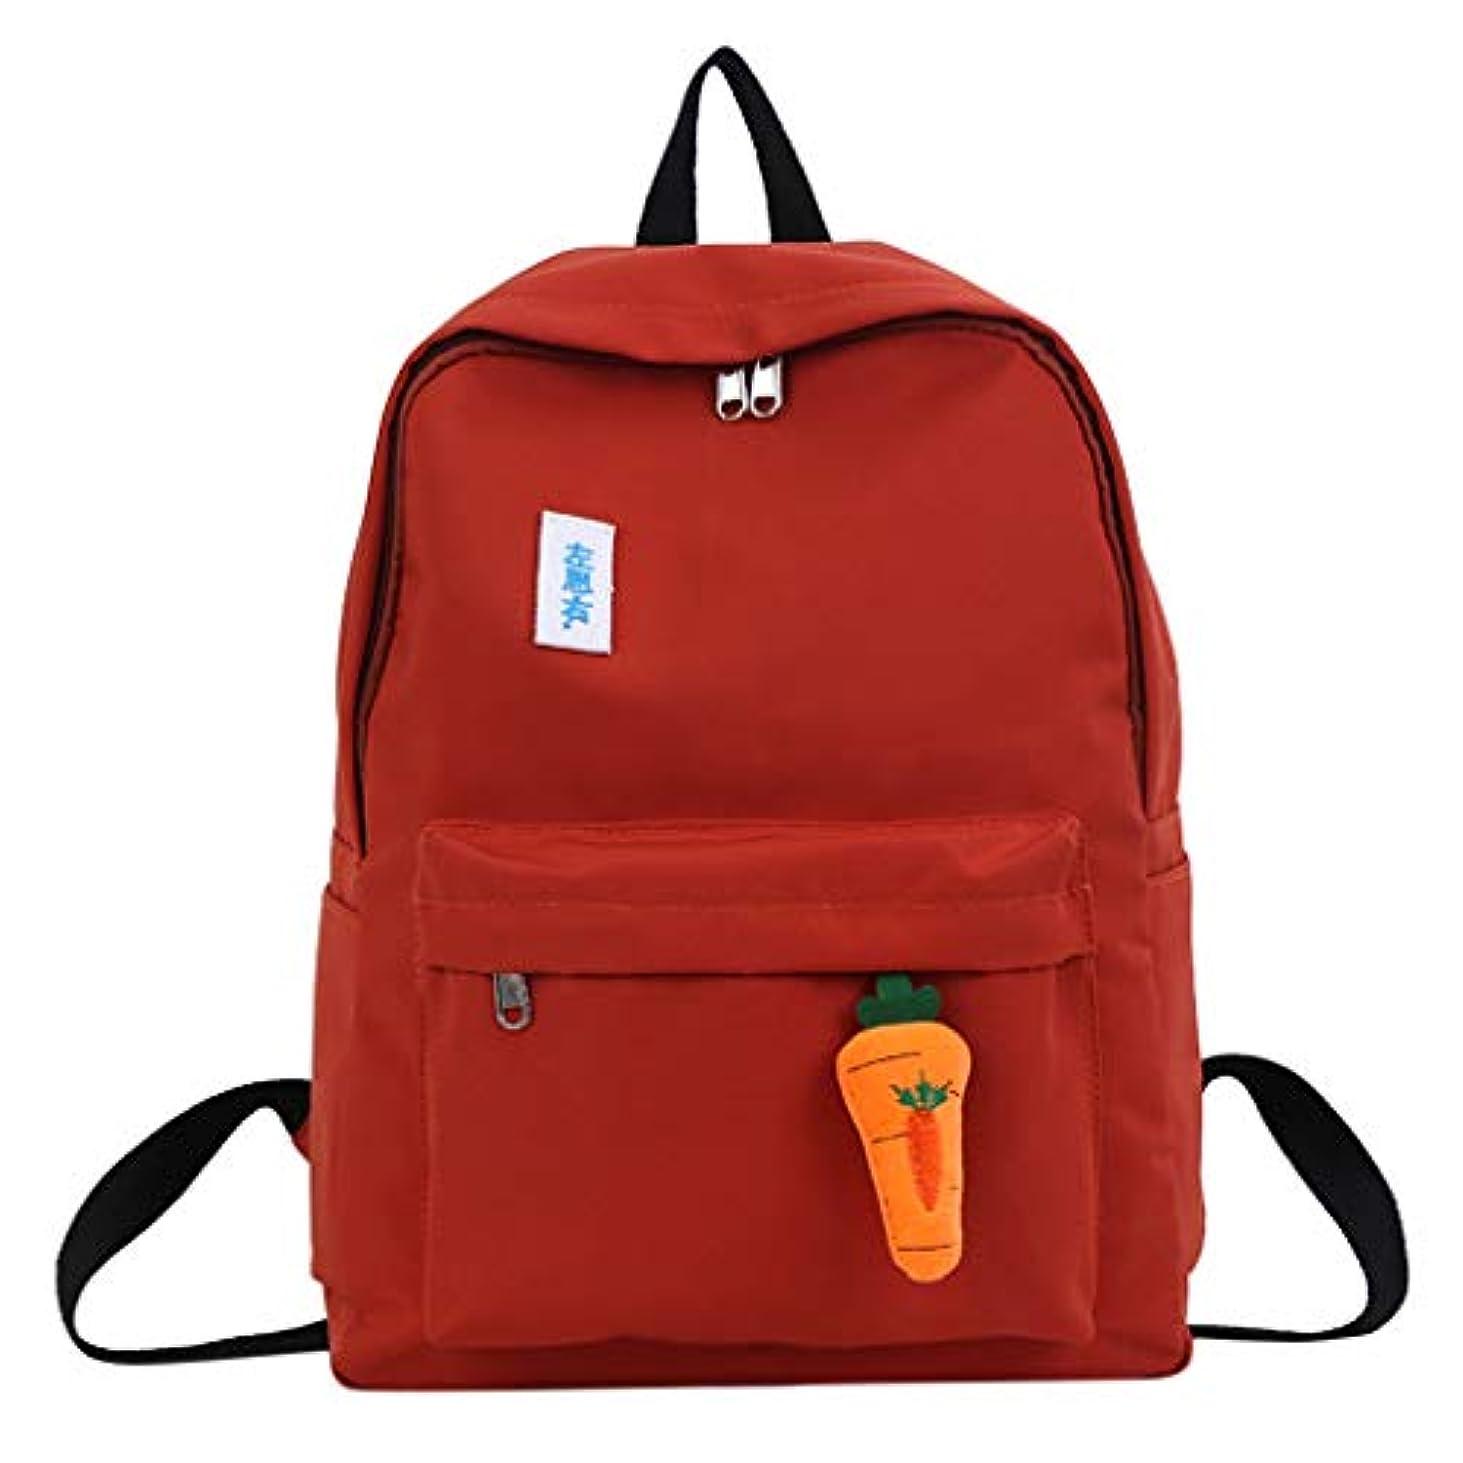 ささやき容量年金女子学生カジュアルファッションシンプルなバックパック軽量キャンバスバックパックガールズ屋外大容量かわいいヴィンテージバッグ